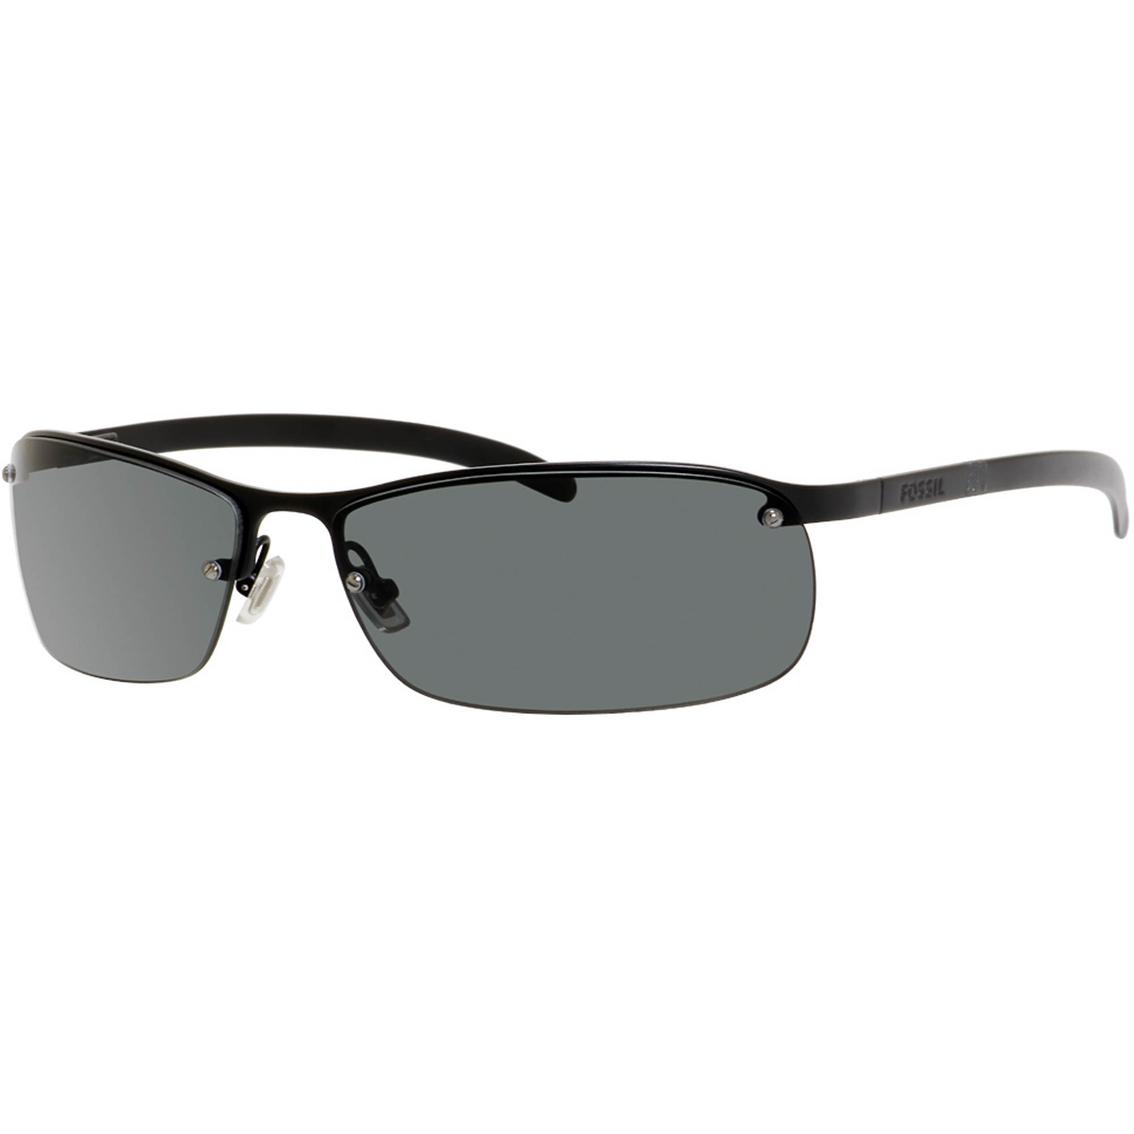 64da4a494e3d Fossil Military Metal Rectangle Rimless Polarized Sunglasses 48 s ...